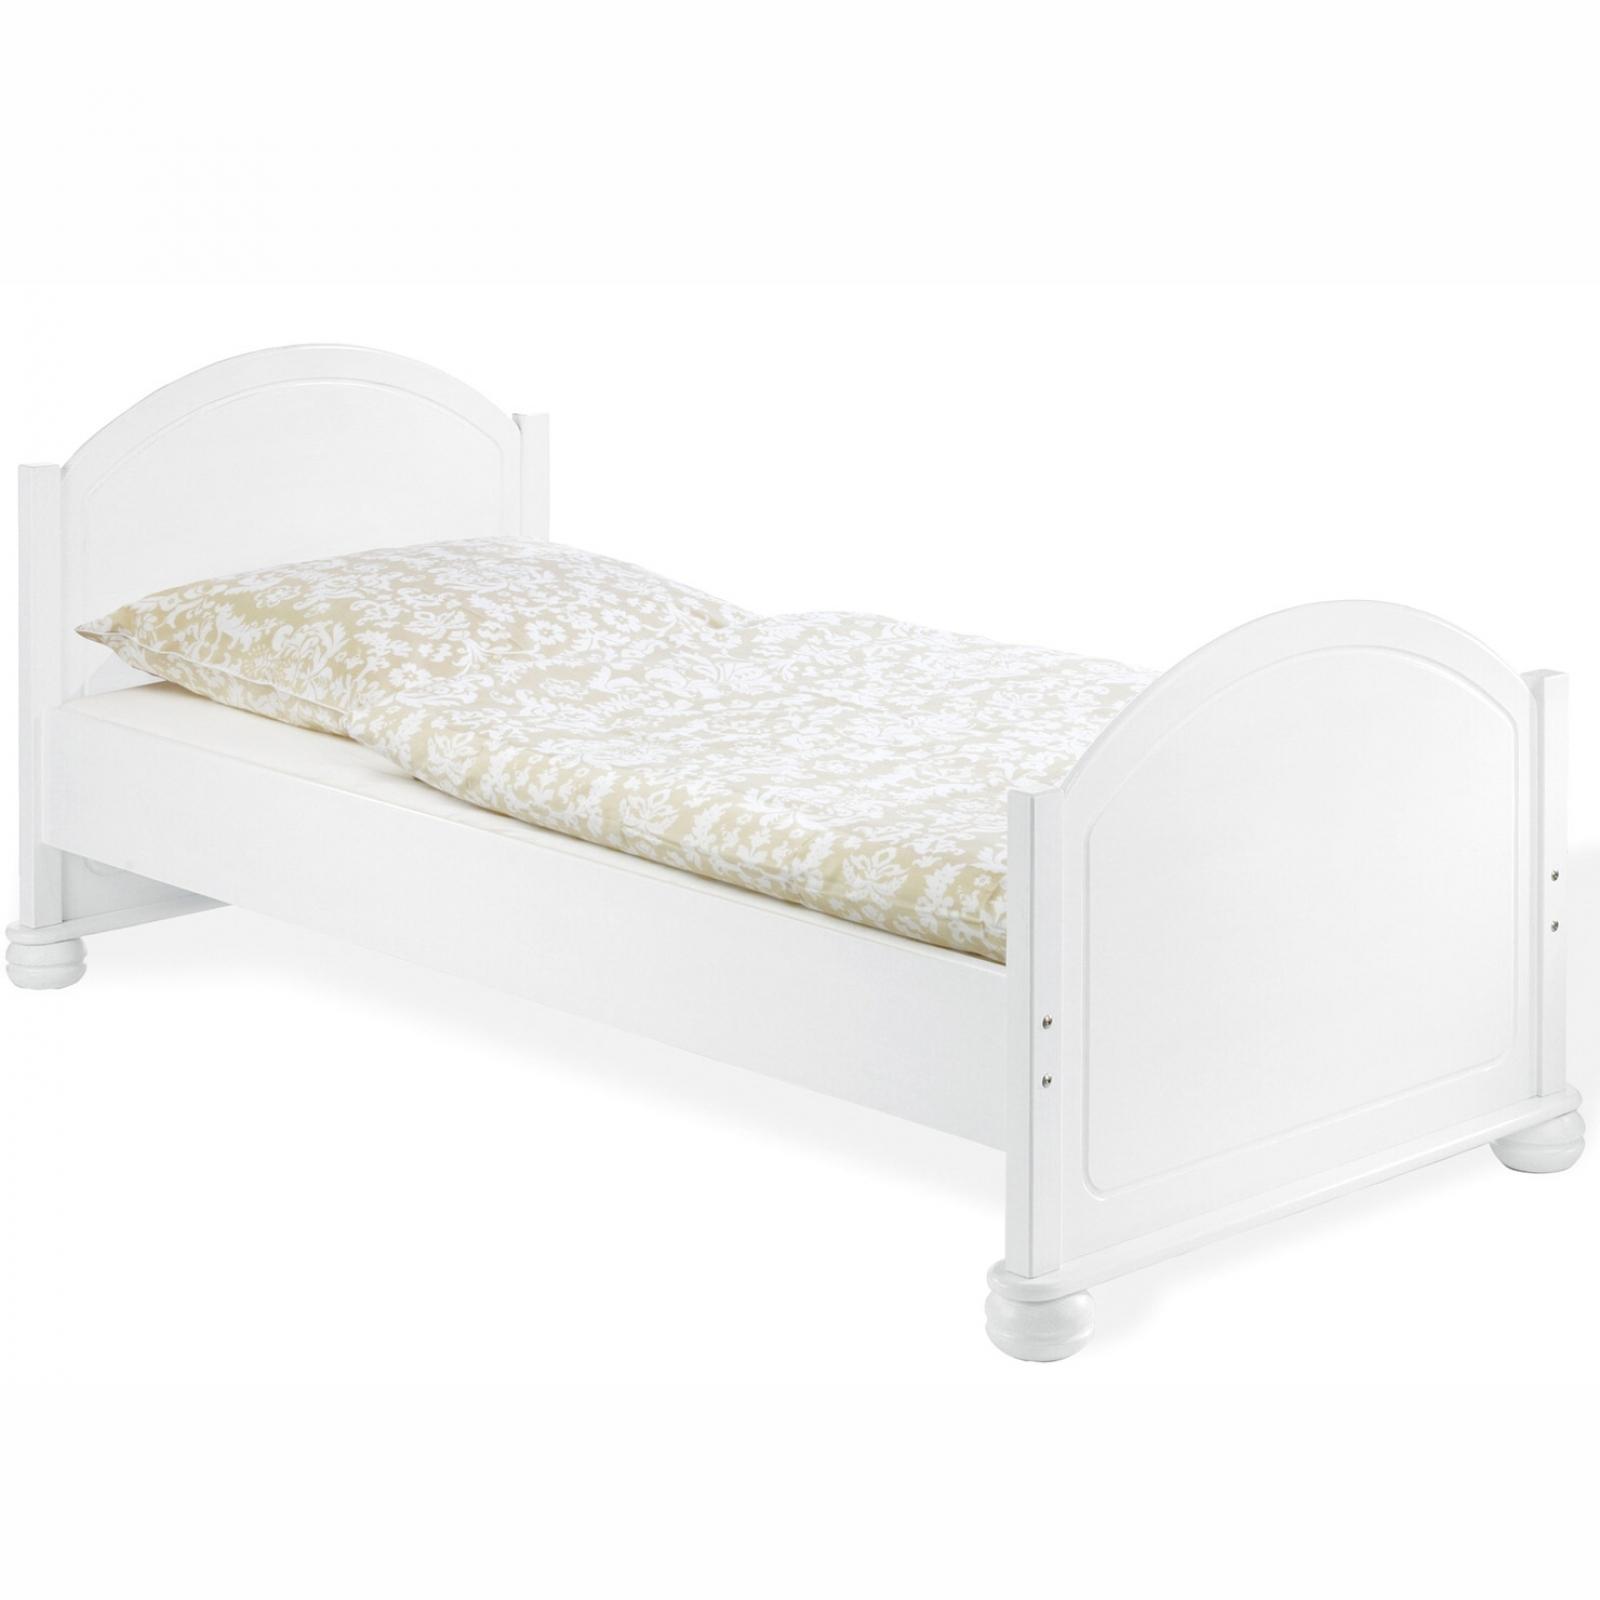 lit bb en bois massif simple lit bebe bois lit bebe blanc. Black Bedroom Furniture Sets. Home Design Ideas